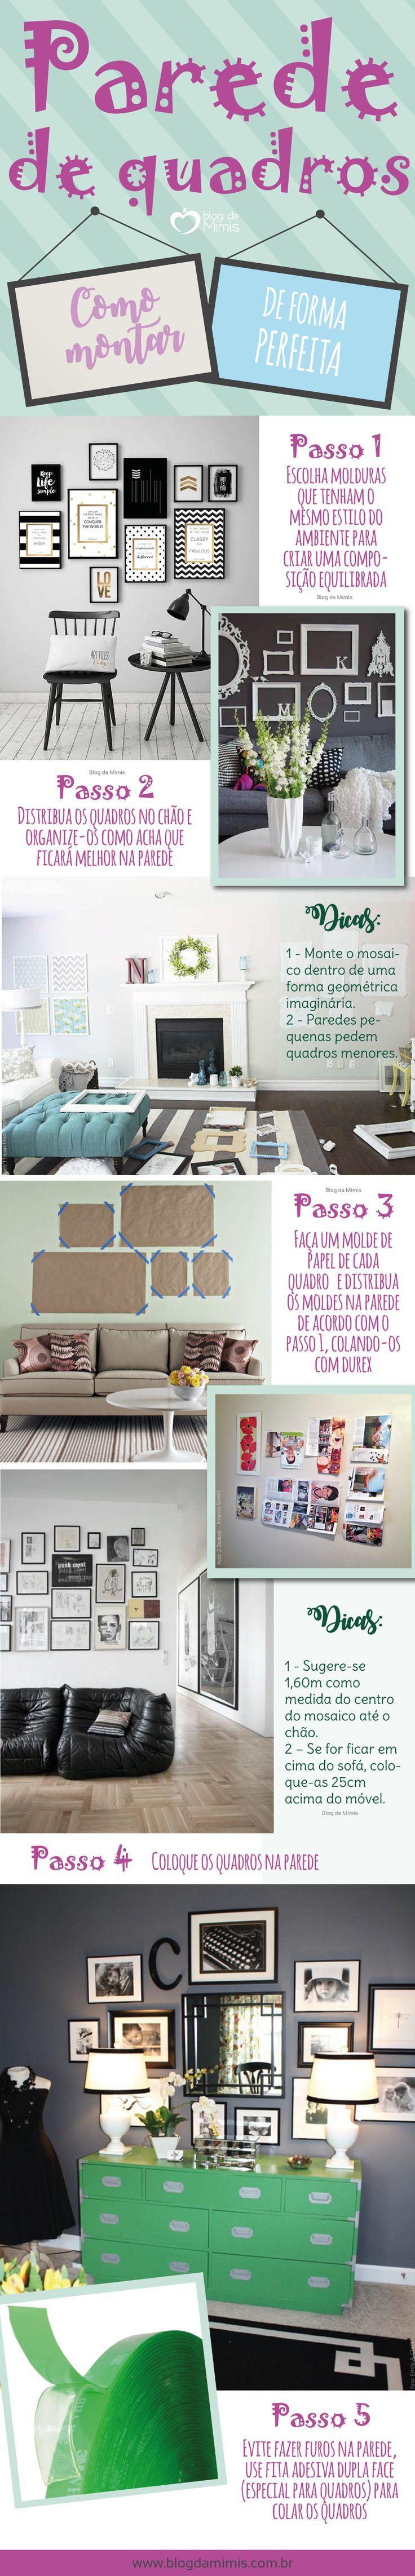 Como montar a parede de quadros perfeita - Blog da Mimis #blogdamimis #parede #quadros #decor #decoração #home #casa #diy